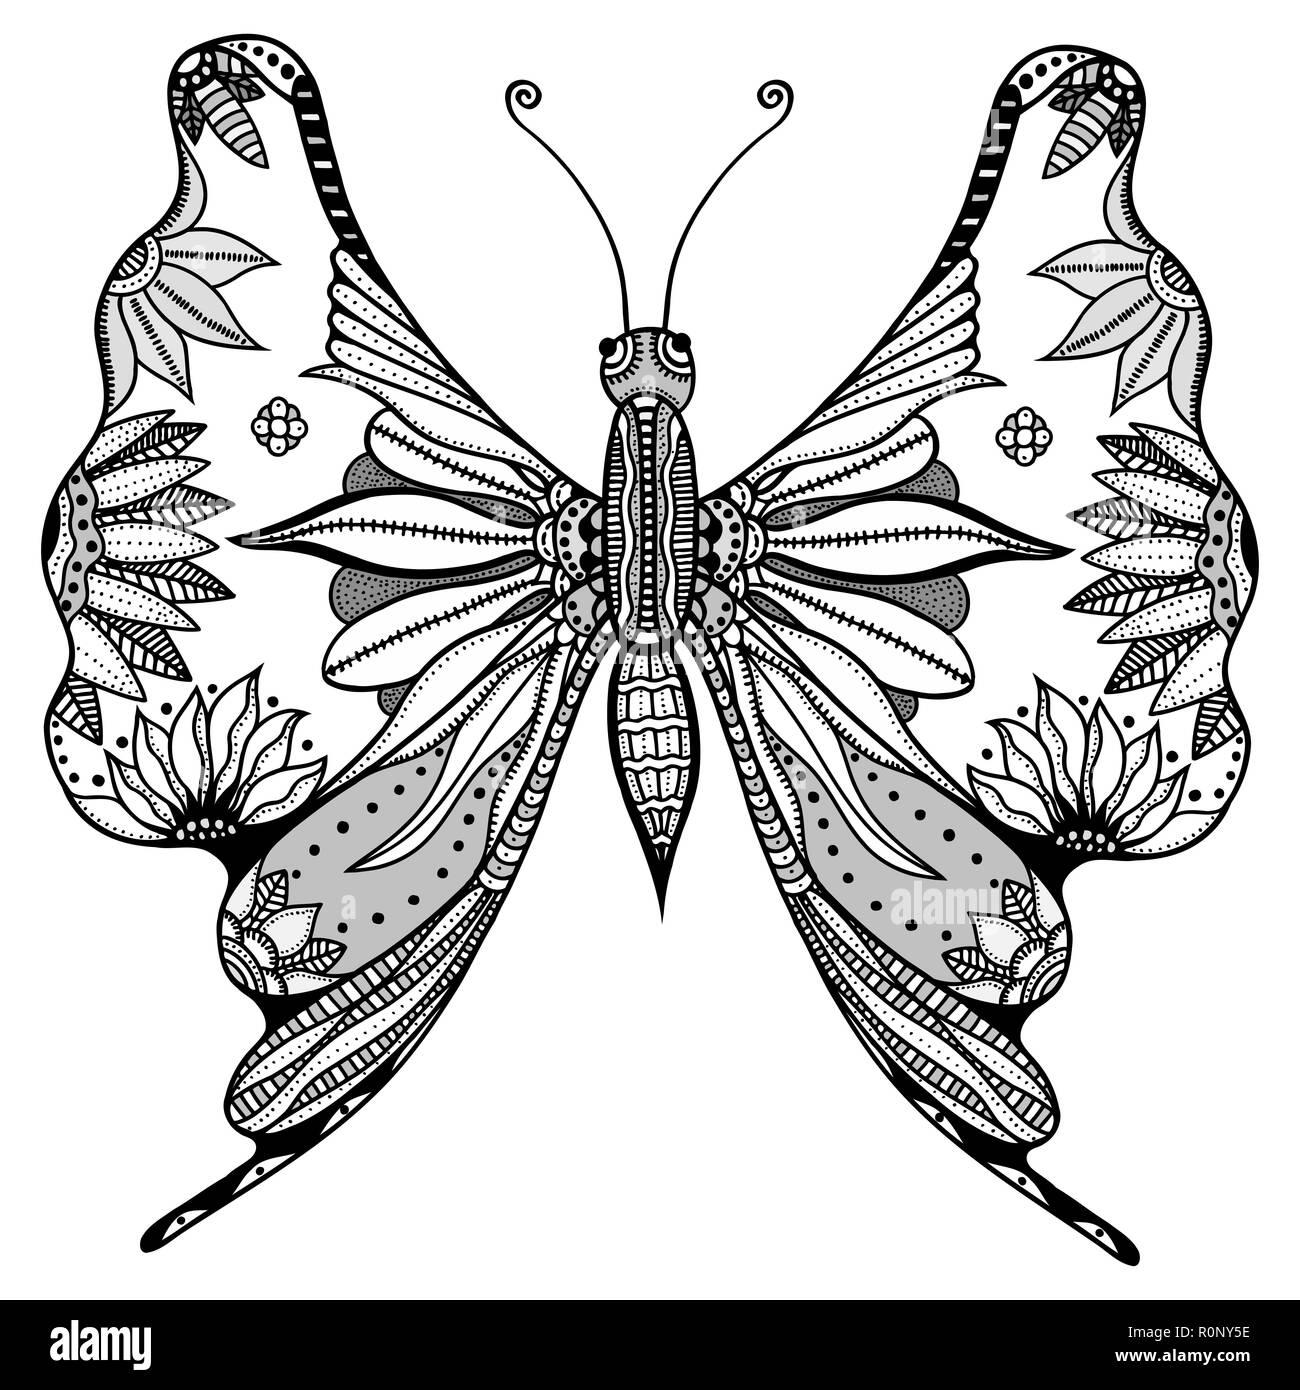 Zentangle Stilisierten Schmetterling Schwarz Weiß Hand Gezeichnet